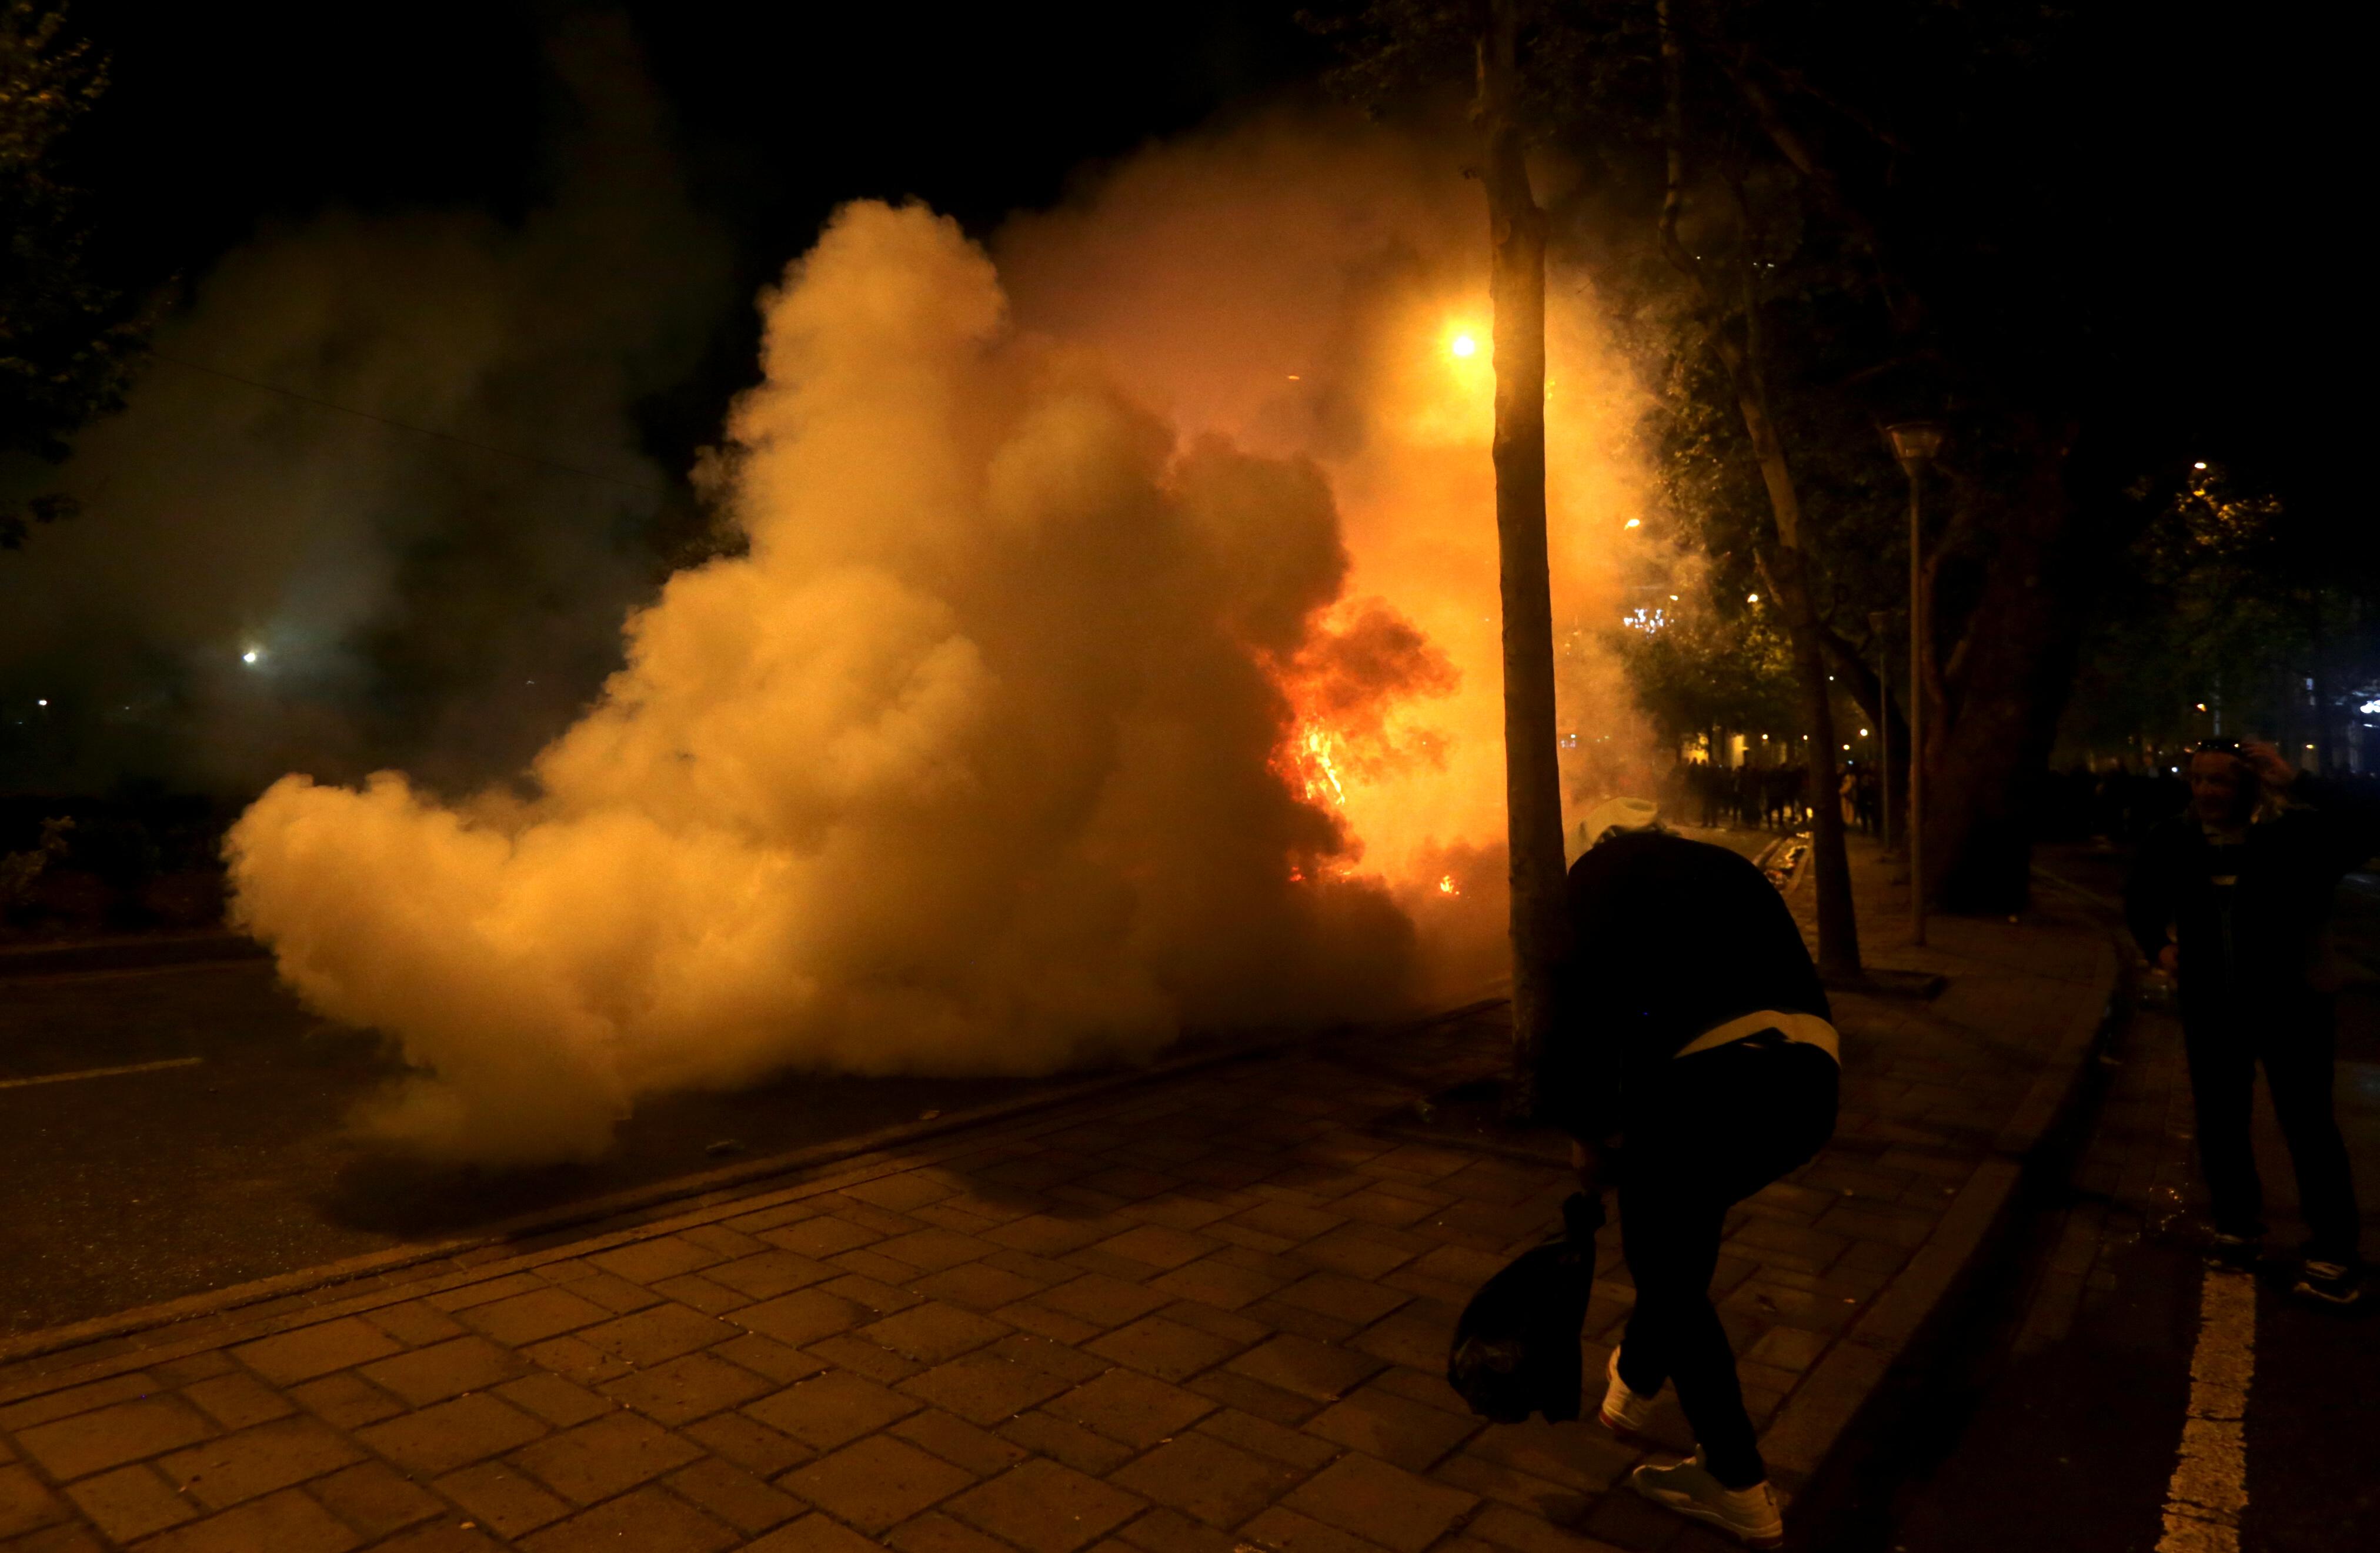 إحراق سيارة أثناء مظاهرة مناهضة للحكومة بالقرب من مبنى البرلمان في تيرانا